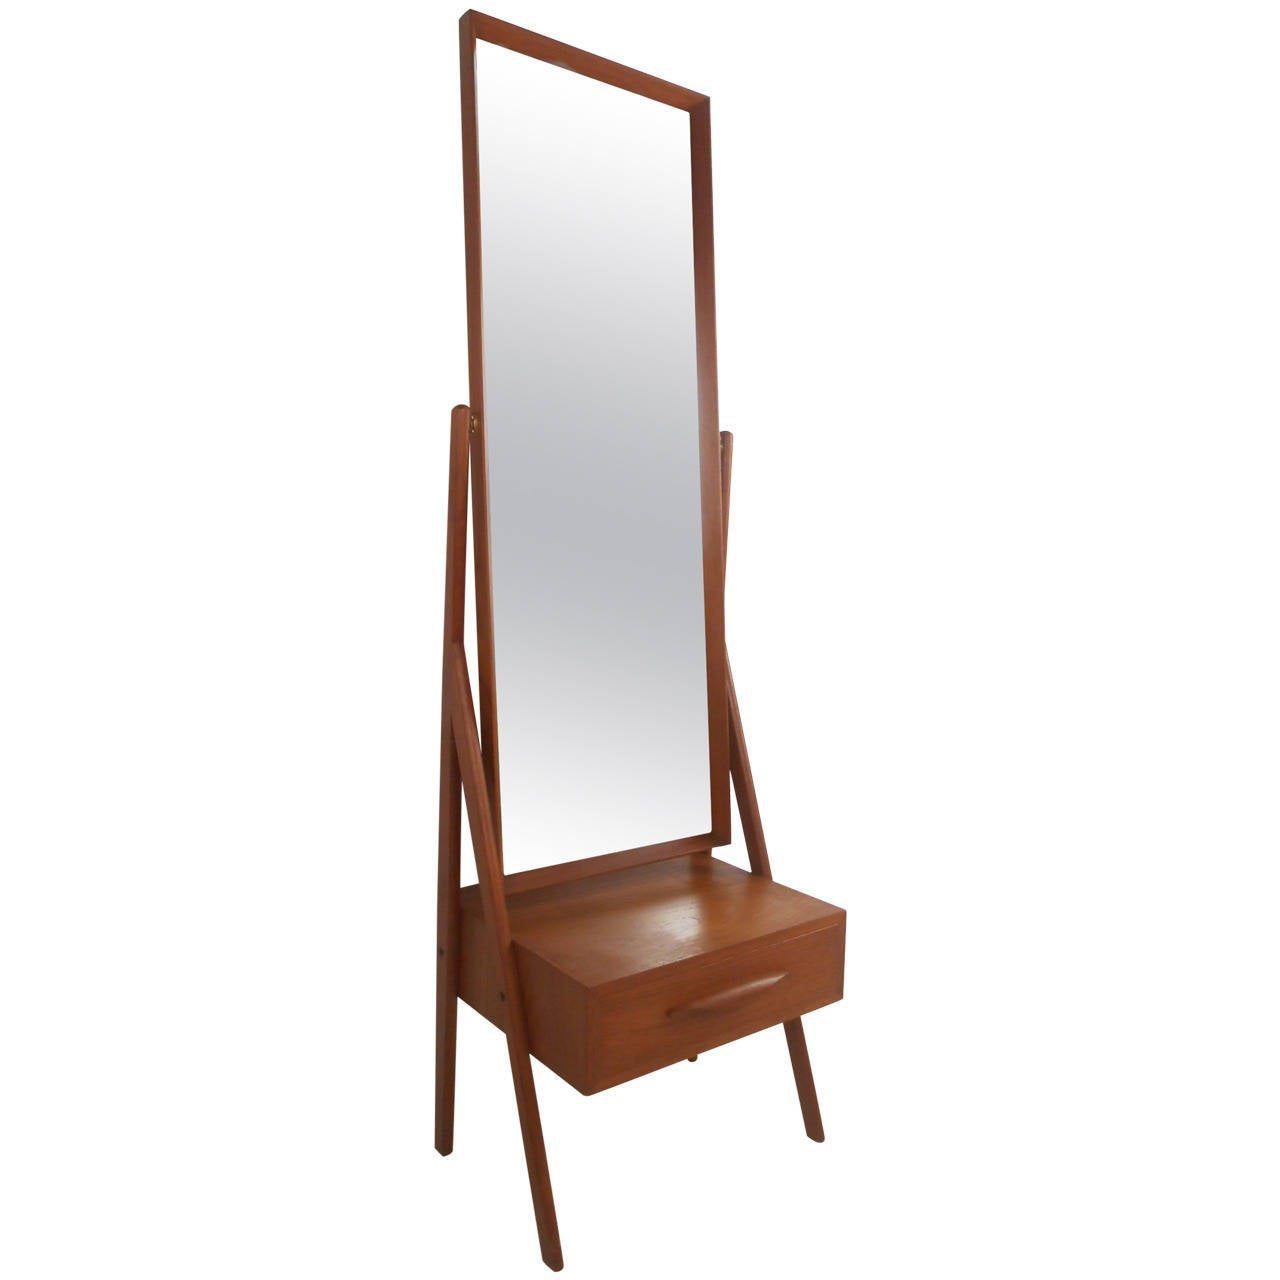 Mid-Century Modern Arne Vodder Teak Cheval Dressing Mirror 1